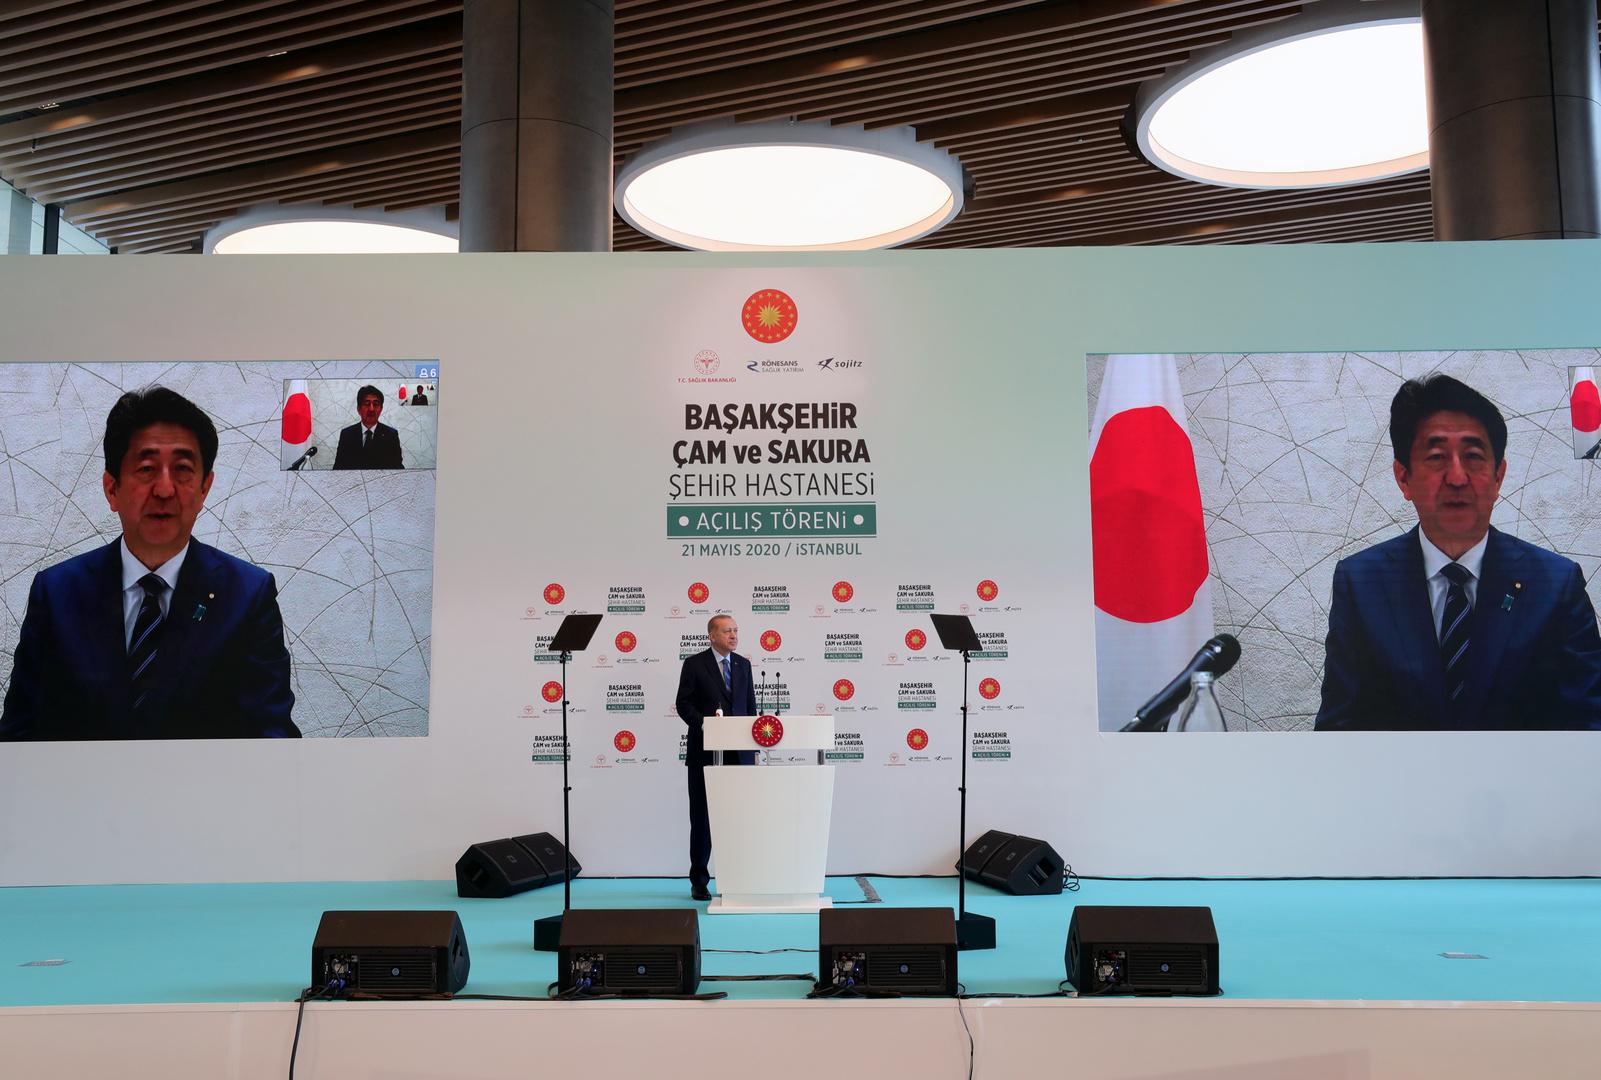 الرئيس التركي رجب طيب أردوغان خلال مشاركته في افتتاح مدينة